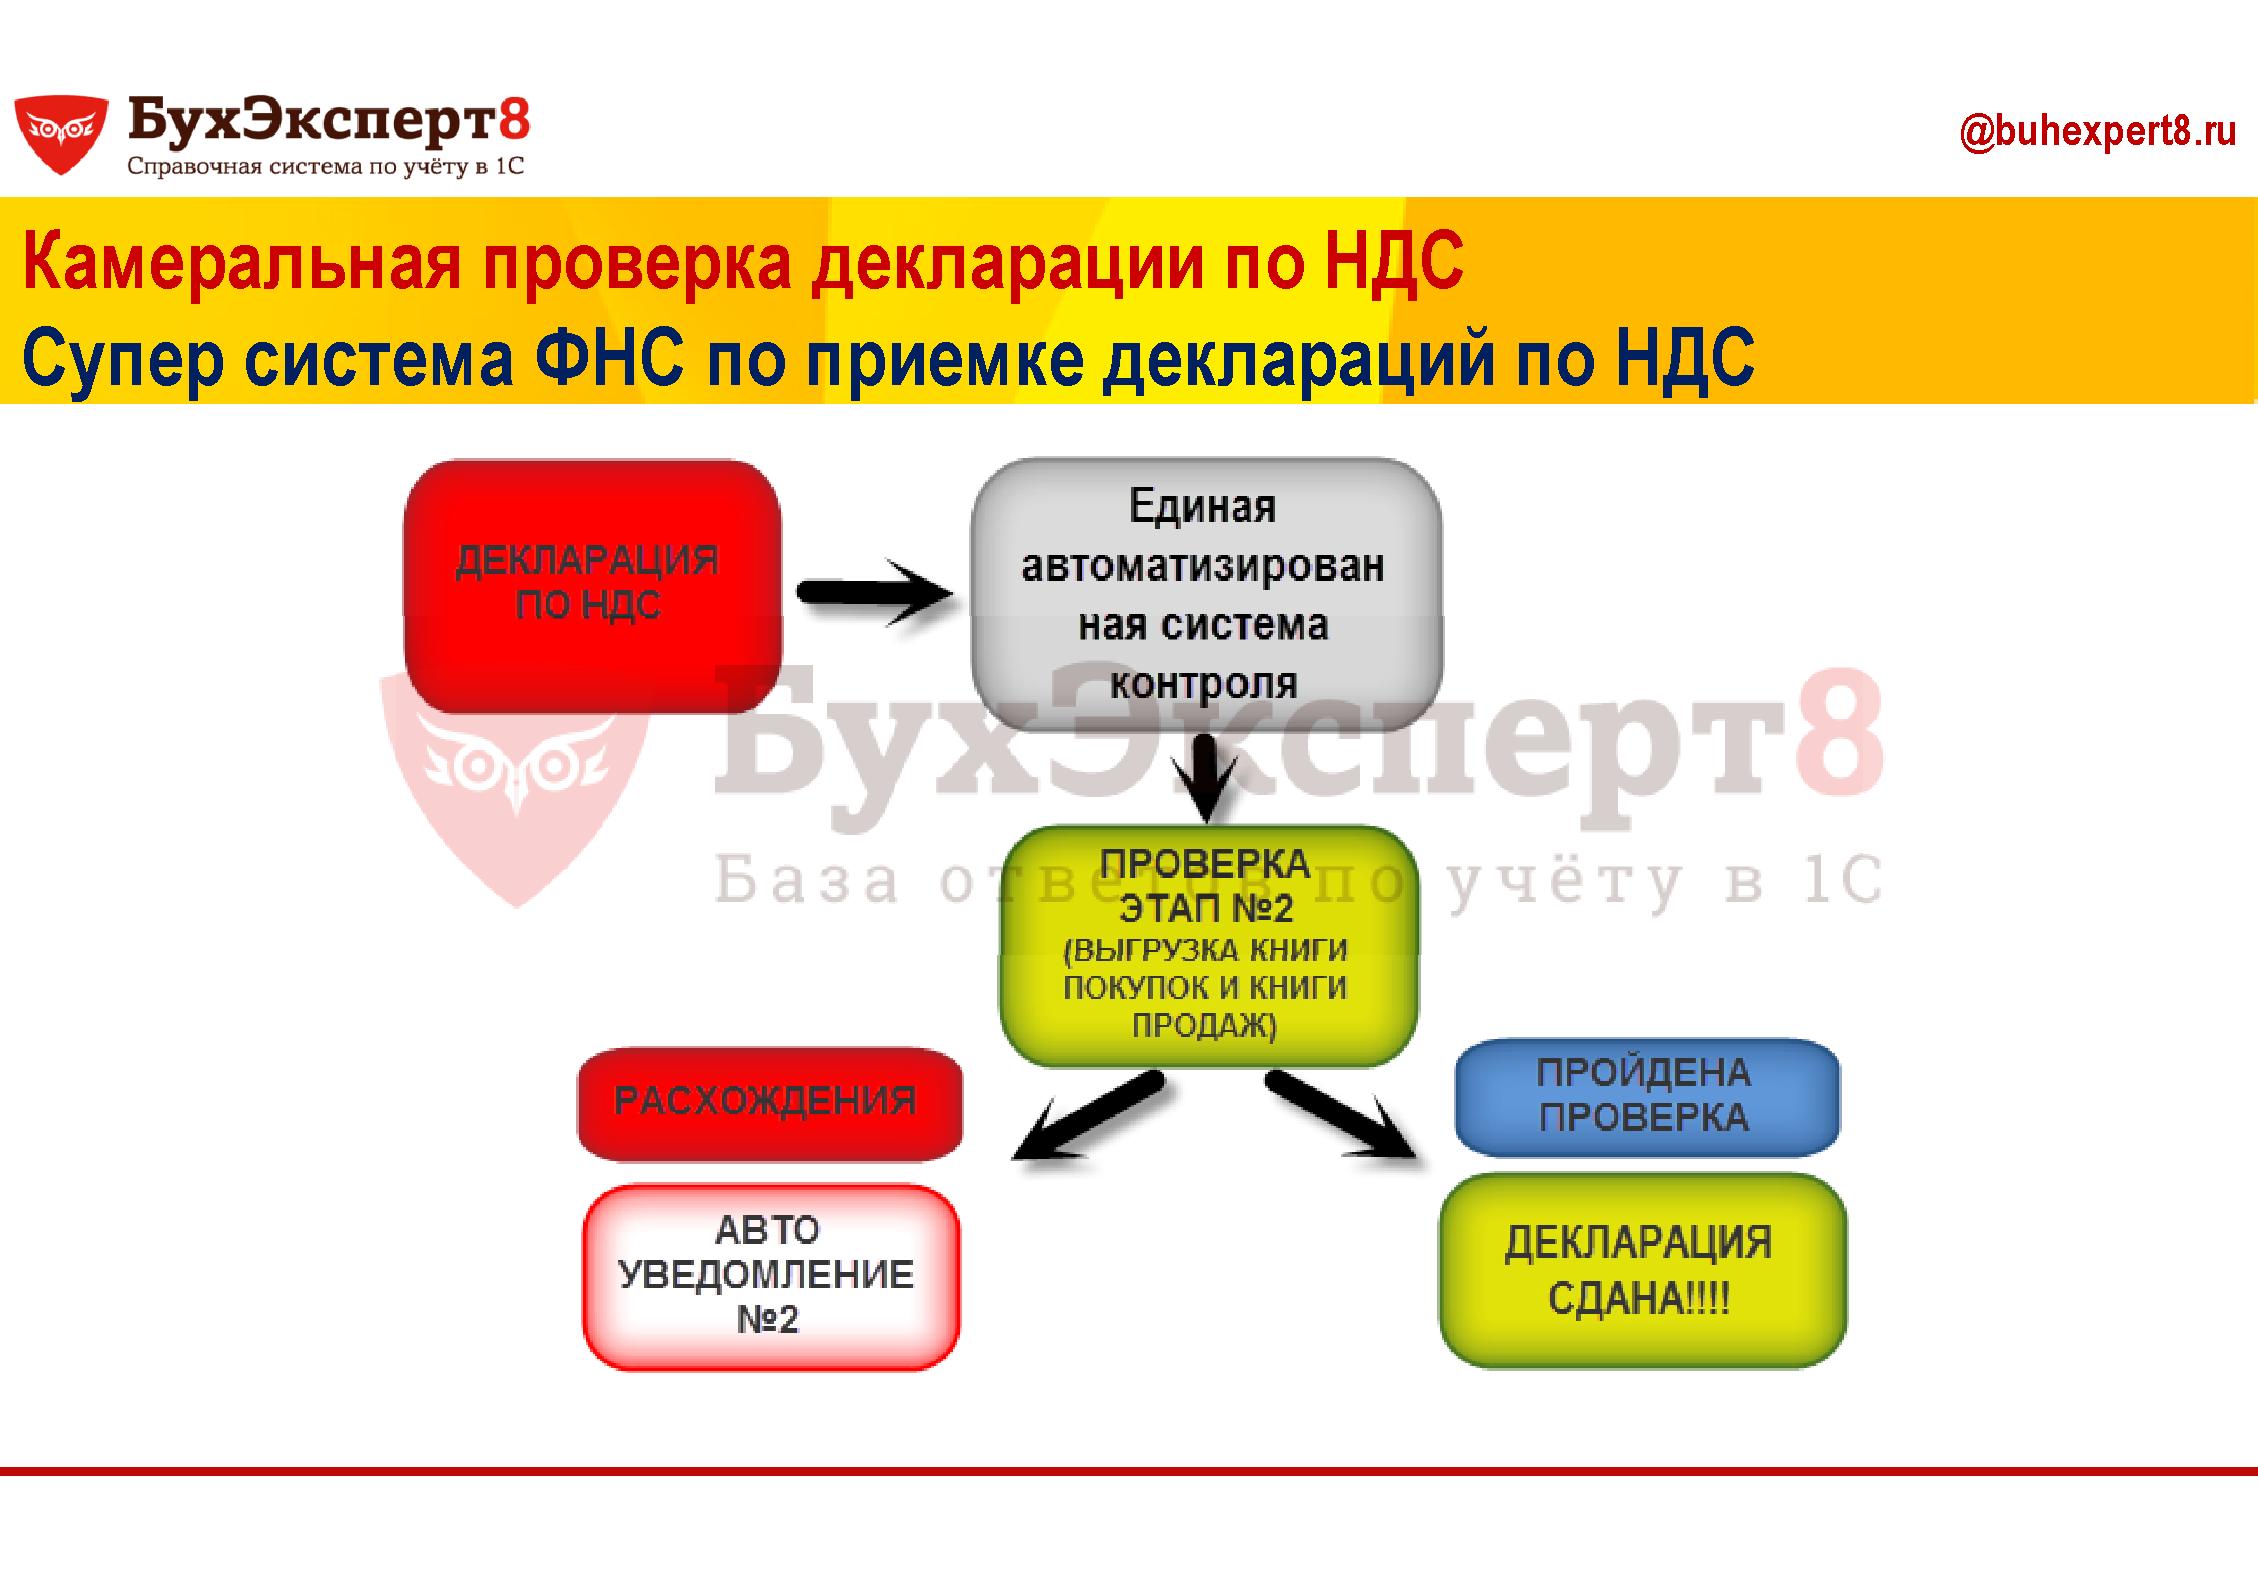 Камеральная проверка декларации по НДС Супер система ФНС по приемке деклараций по НДС